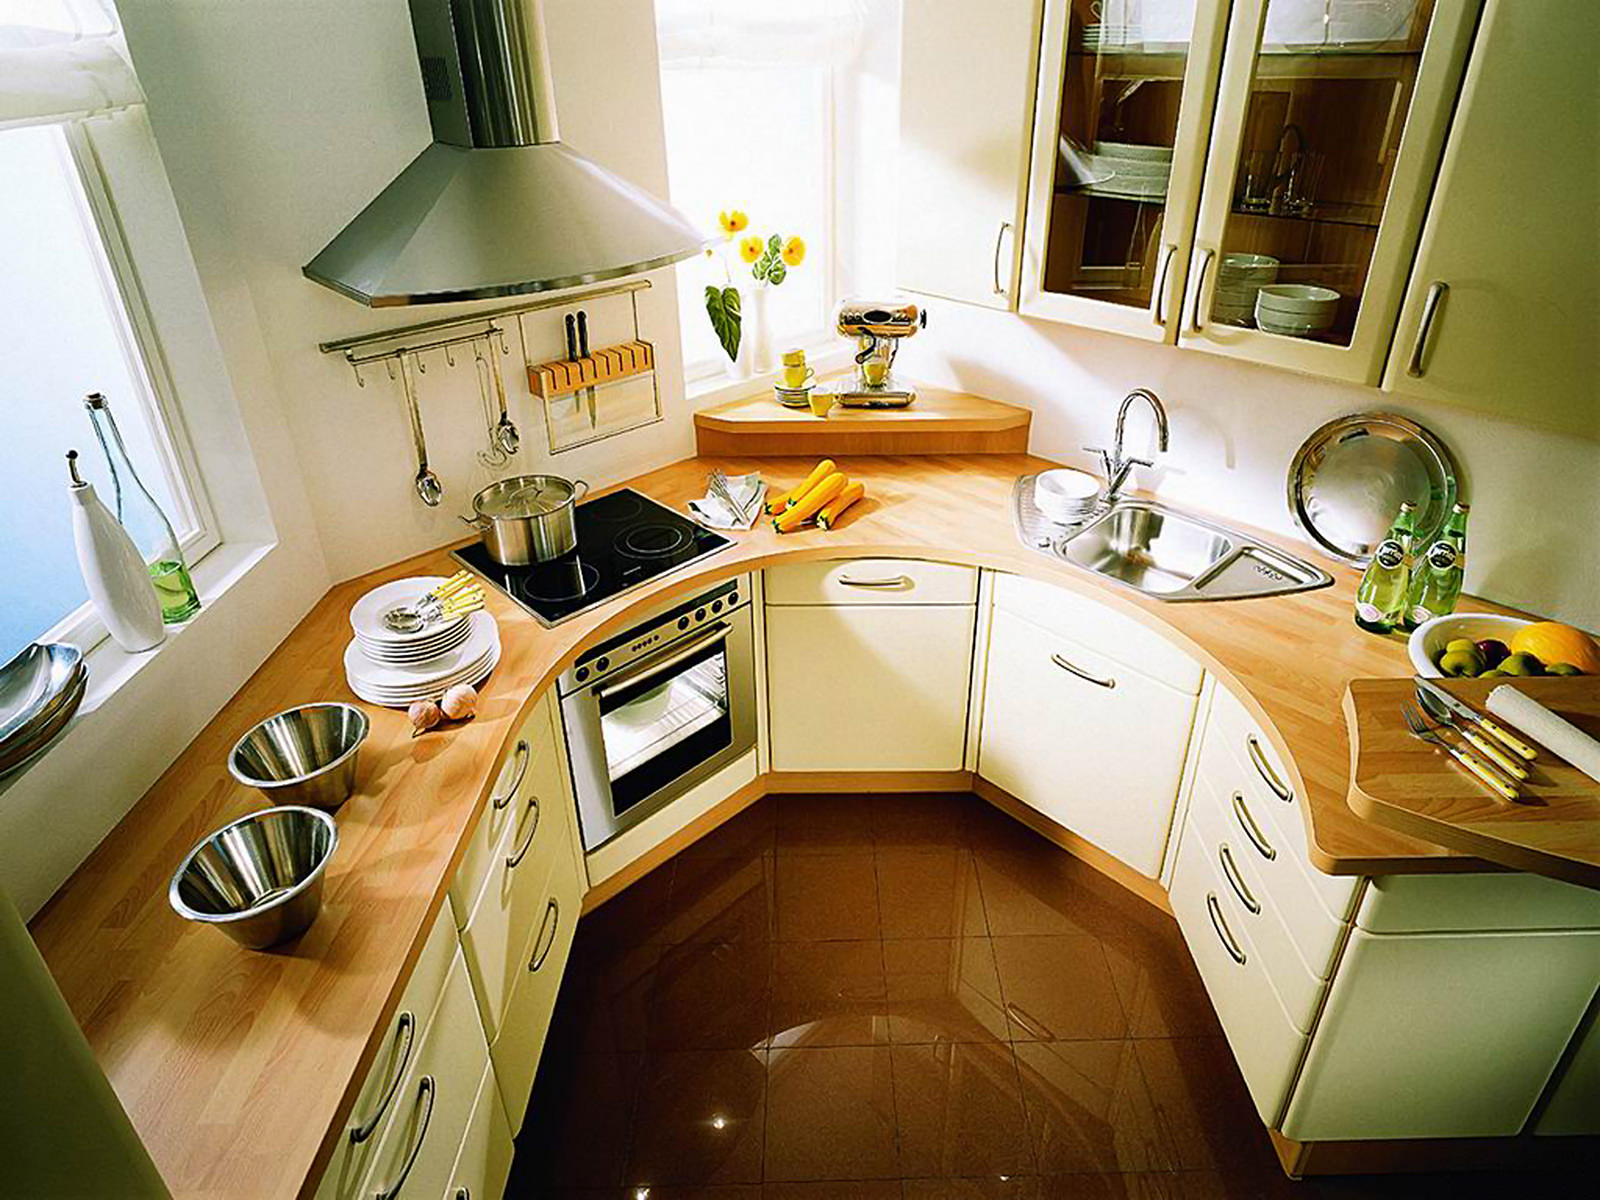 Пять принципов для планировки кухни_2